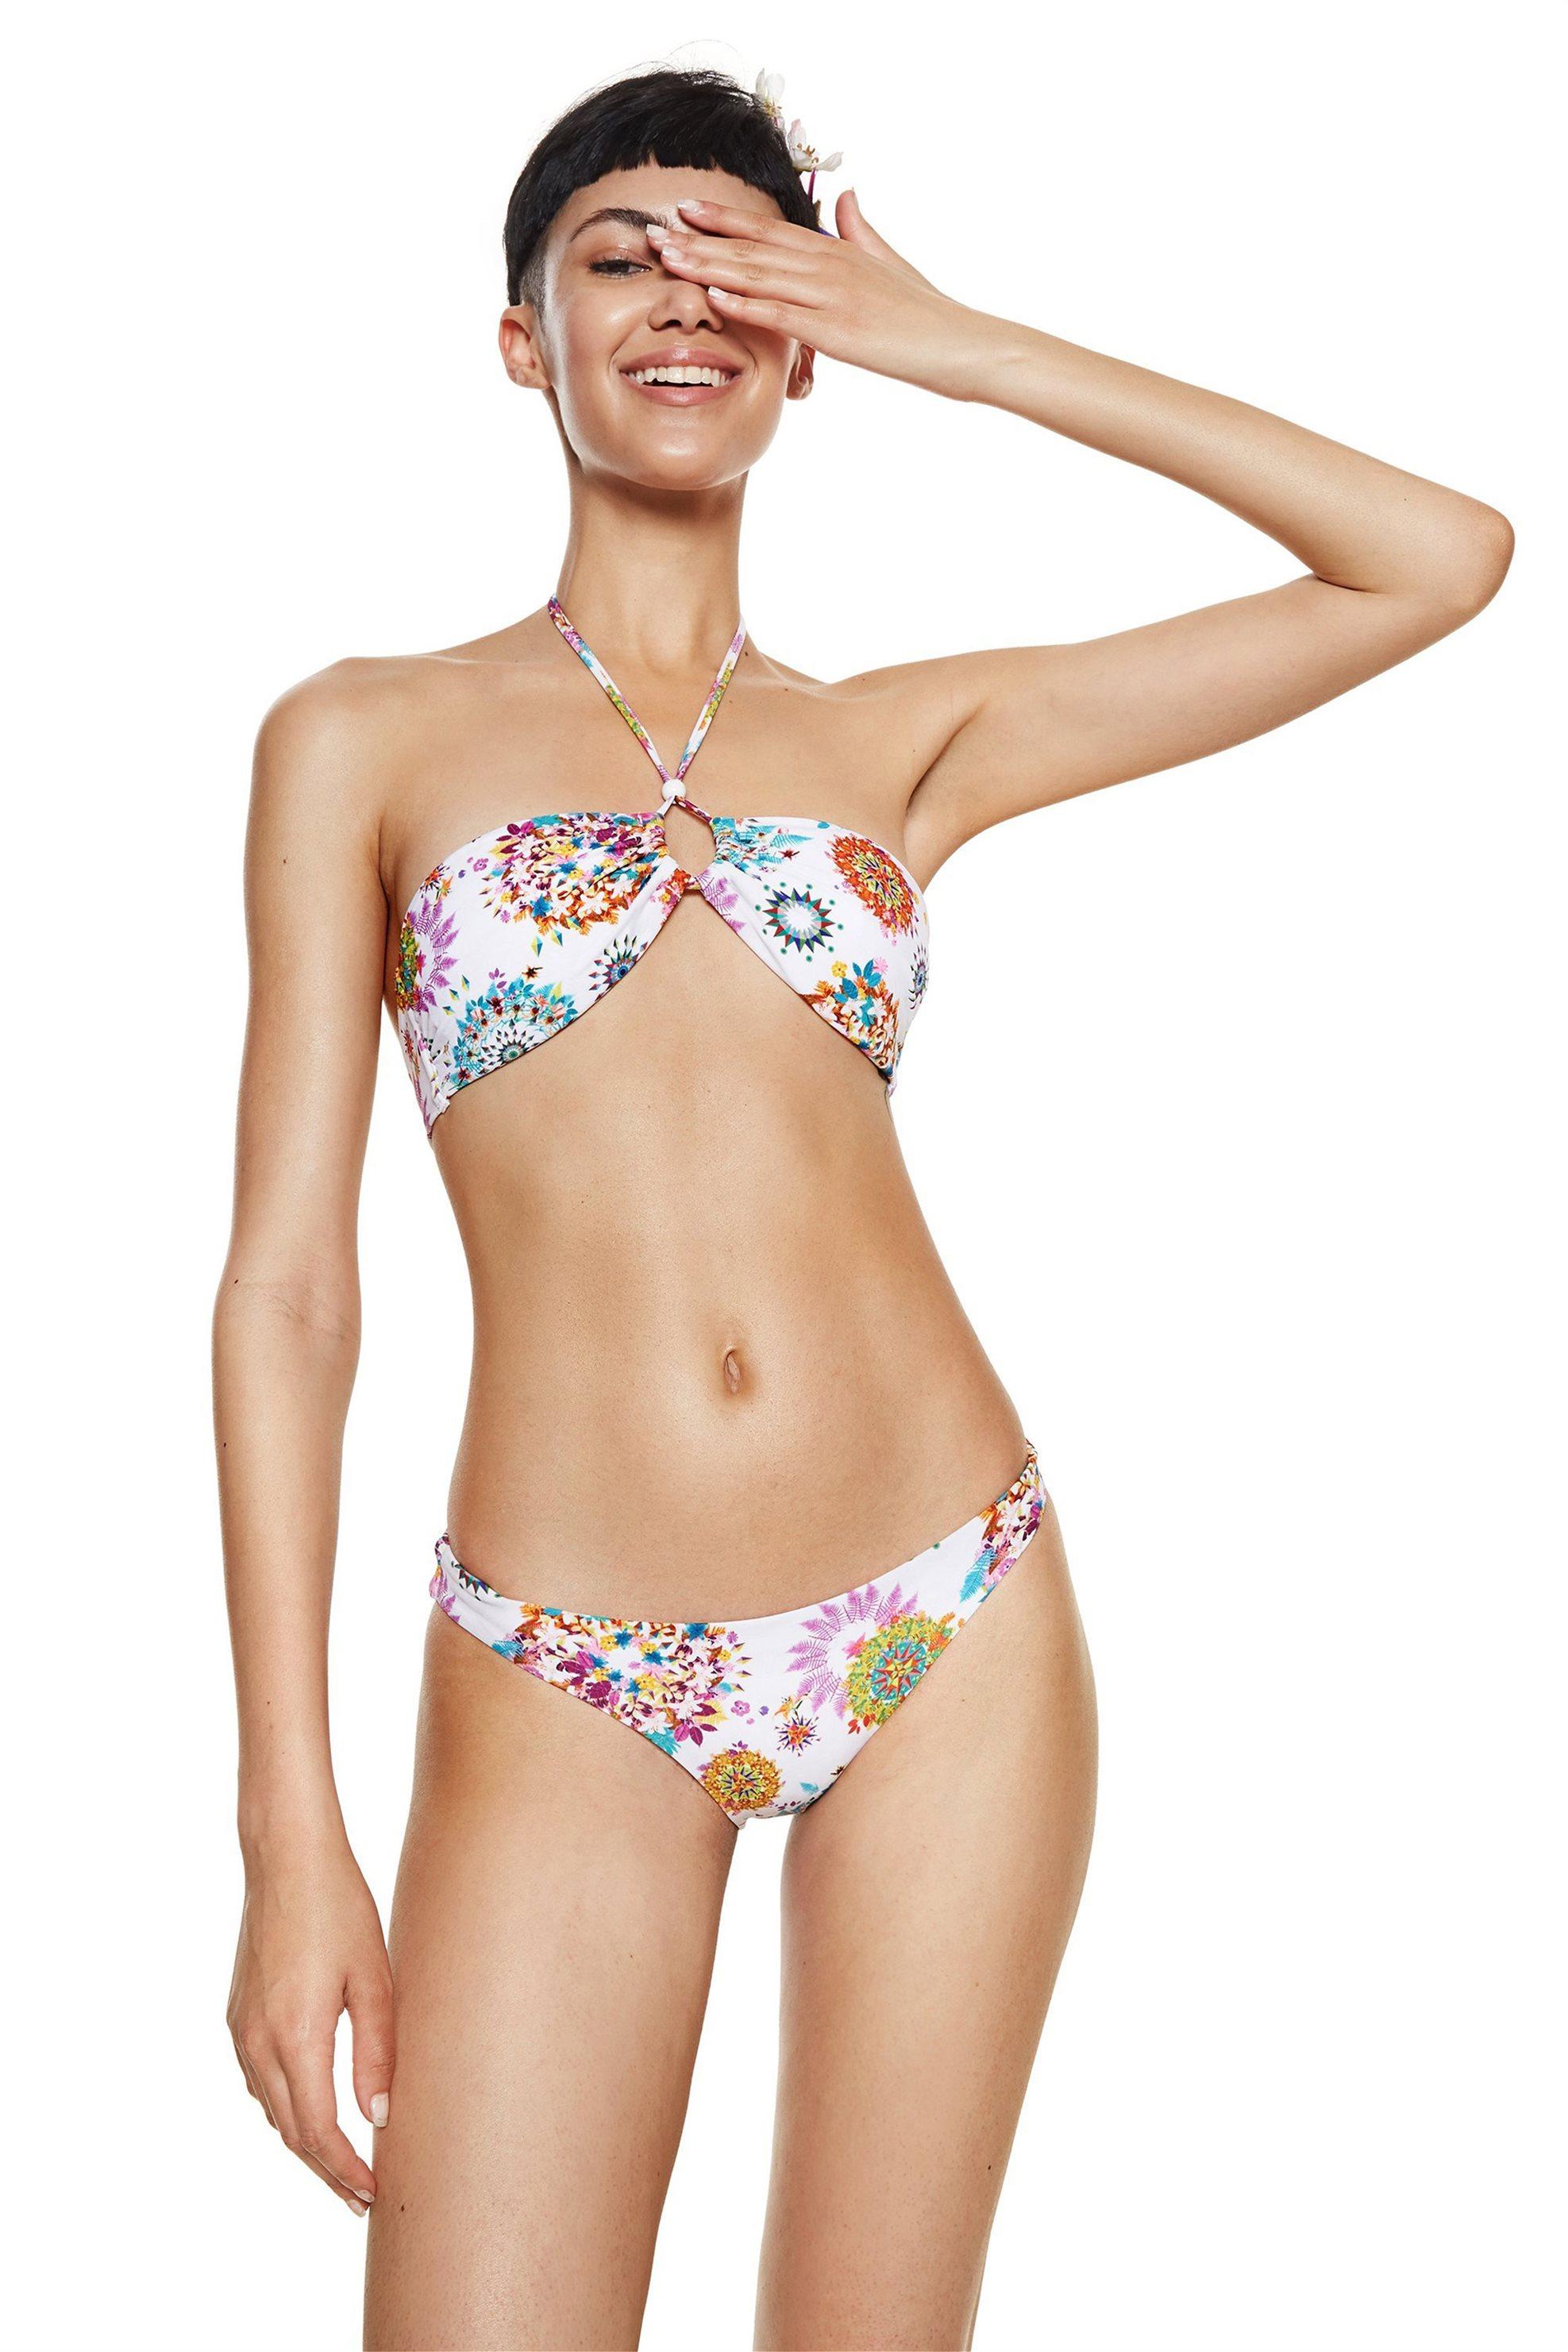 Γυναικεία   Παραλία   Μαγιό   Colourful Floral Bikini ... d136dabc2c2